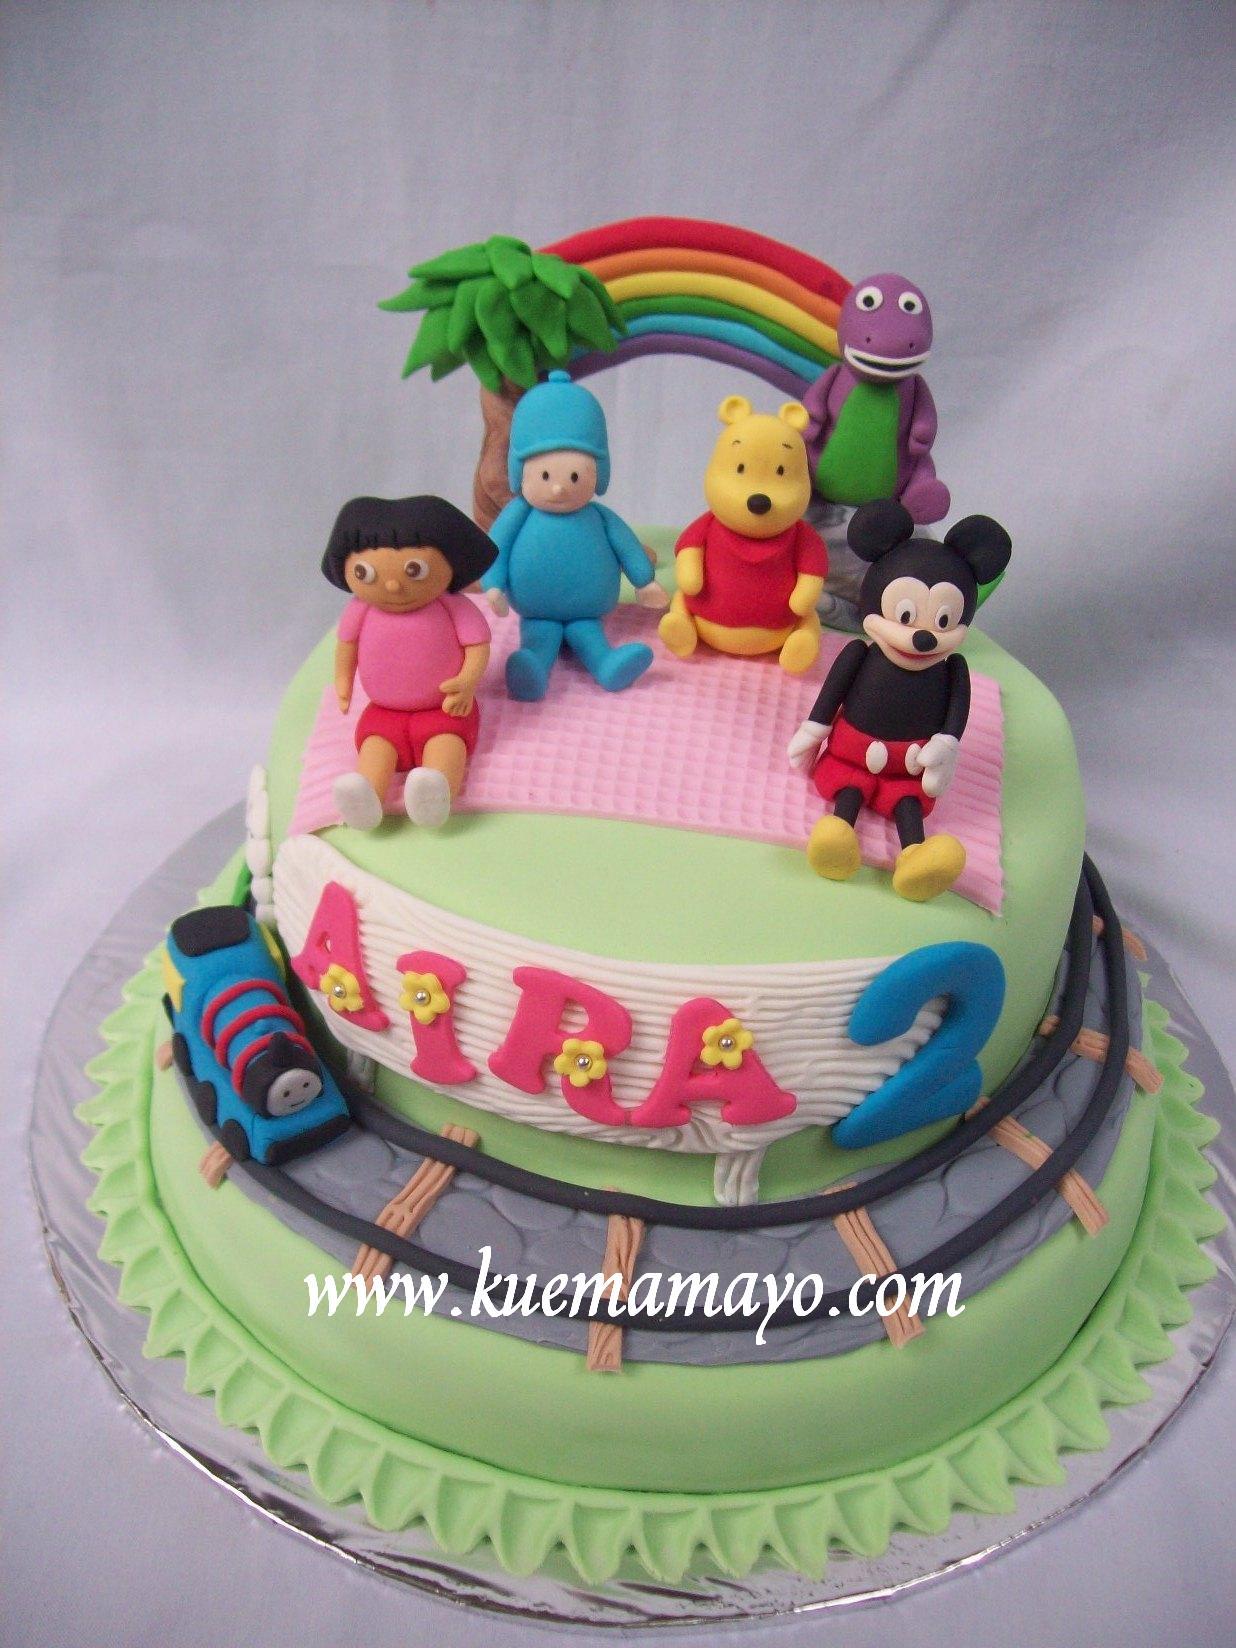 Kue Ulang Tahun Mamayo Laman 72